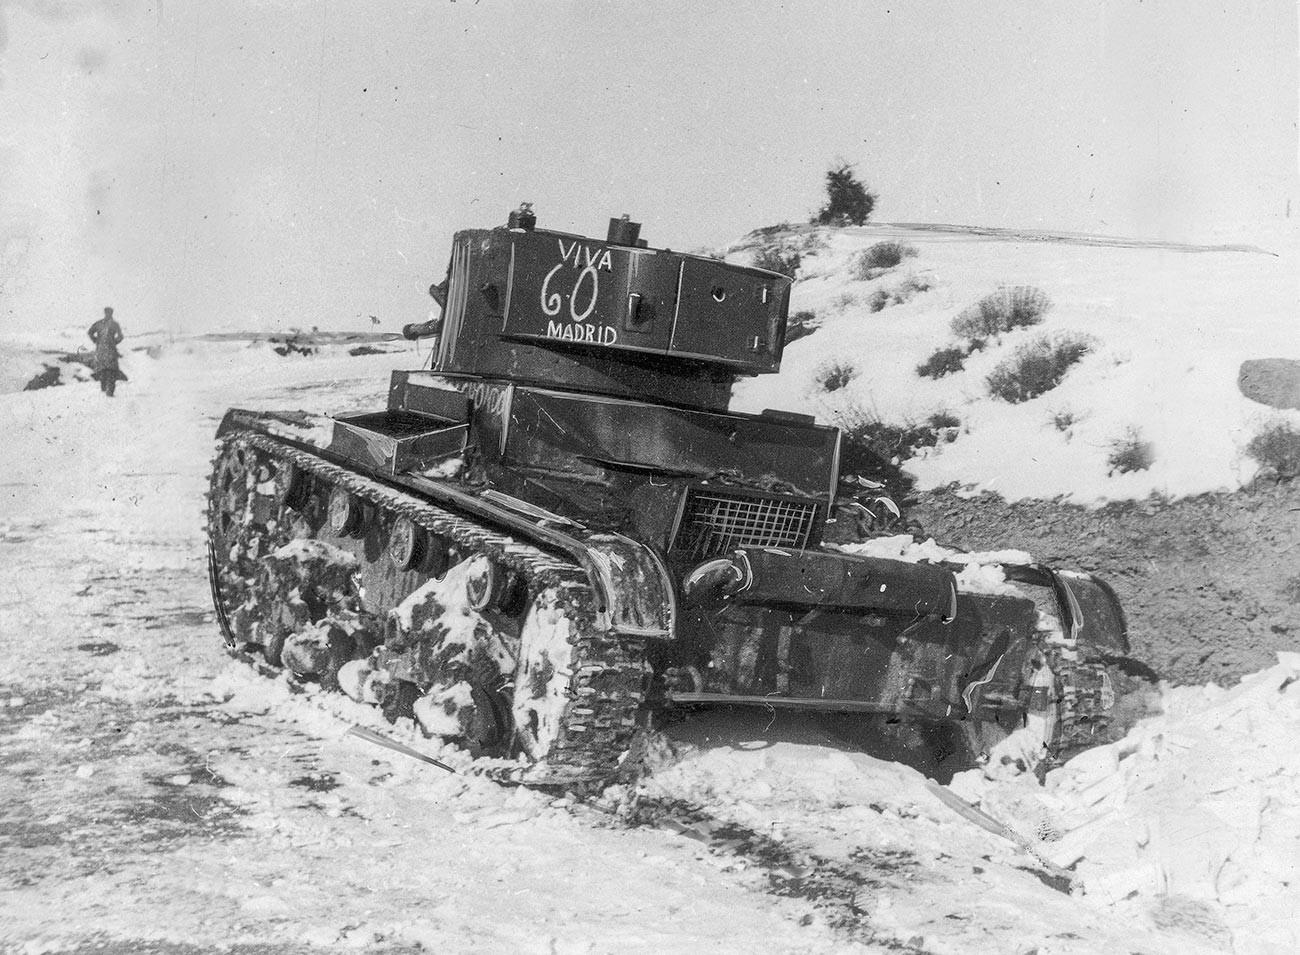 ソ連のT-26戦車